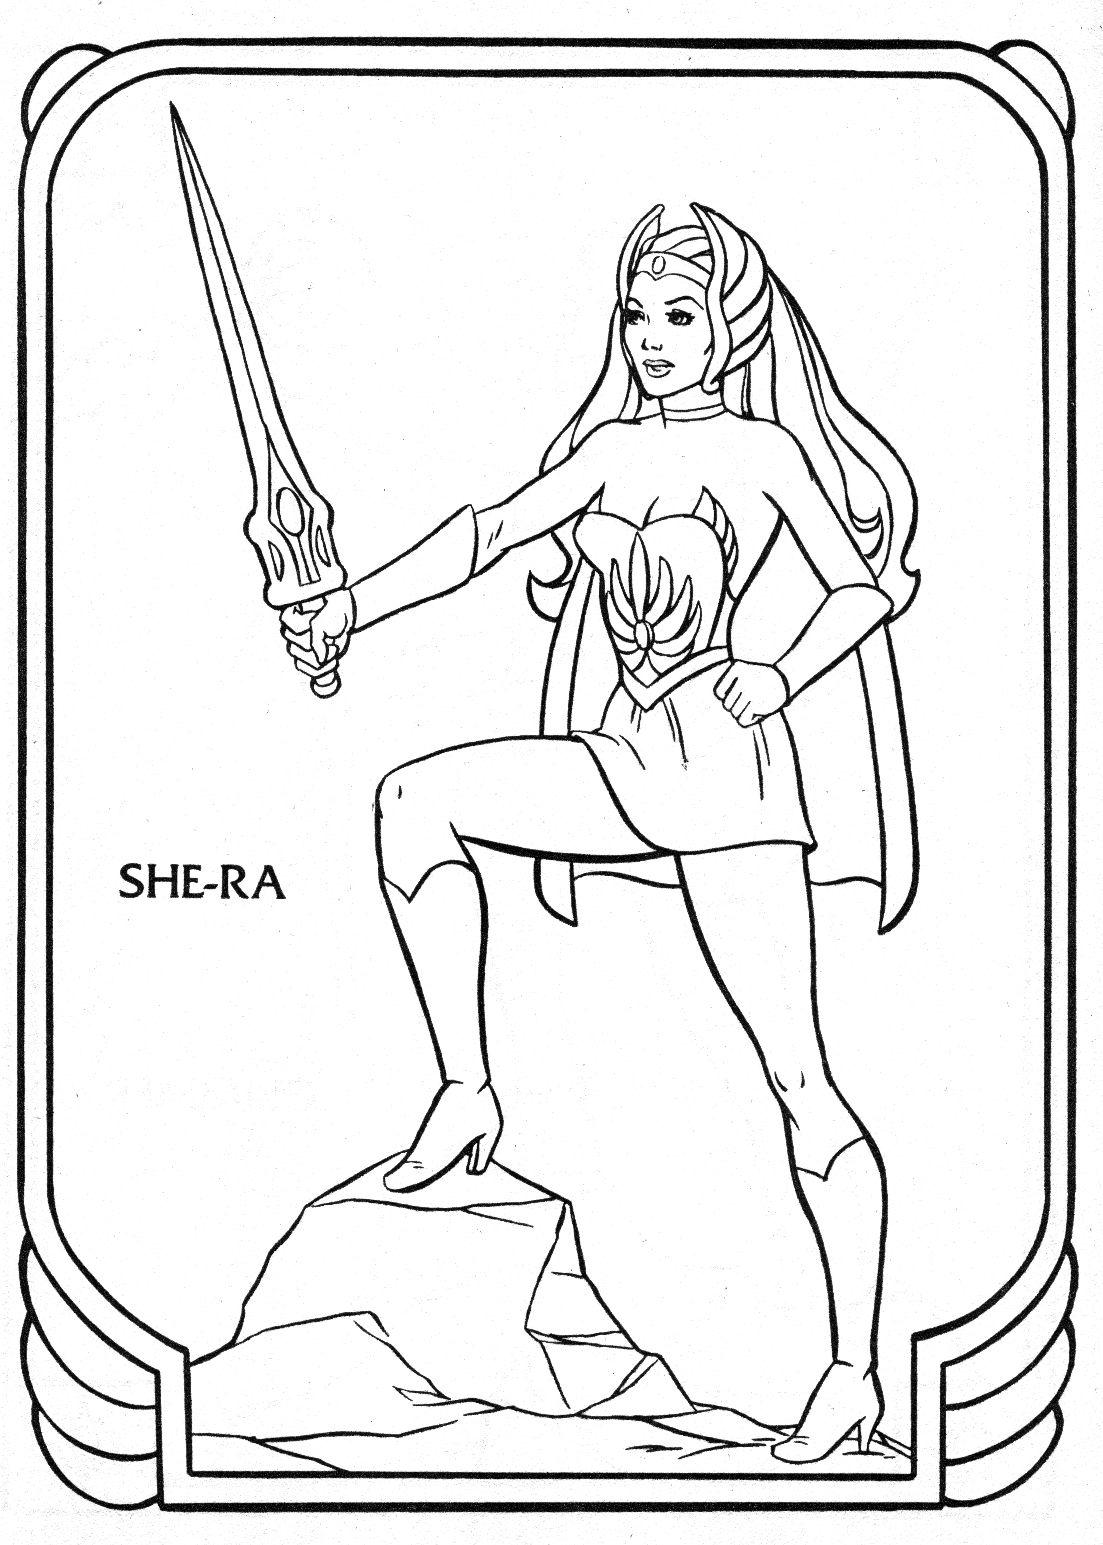 She Ra Immagini Da Colorare